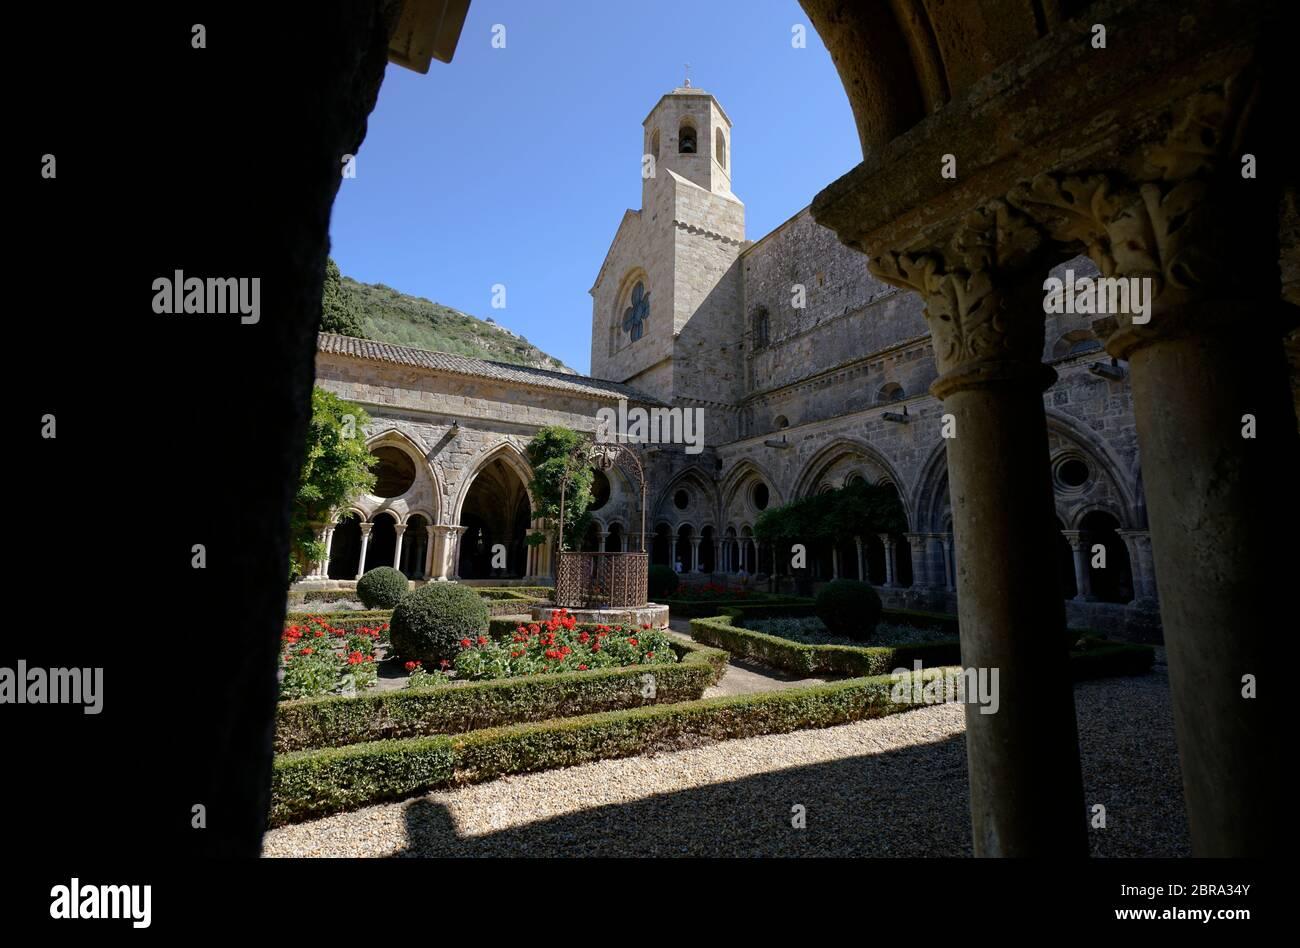 Cloître et jardin de l'Abbaye Sainte-Marie de Fontfroide ou Abbaye de Fontfroide avec tour d'église en arrière-plan. Narbonne, Aude Occitanie, France, Banque D'Images